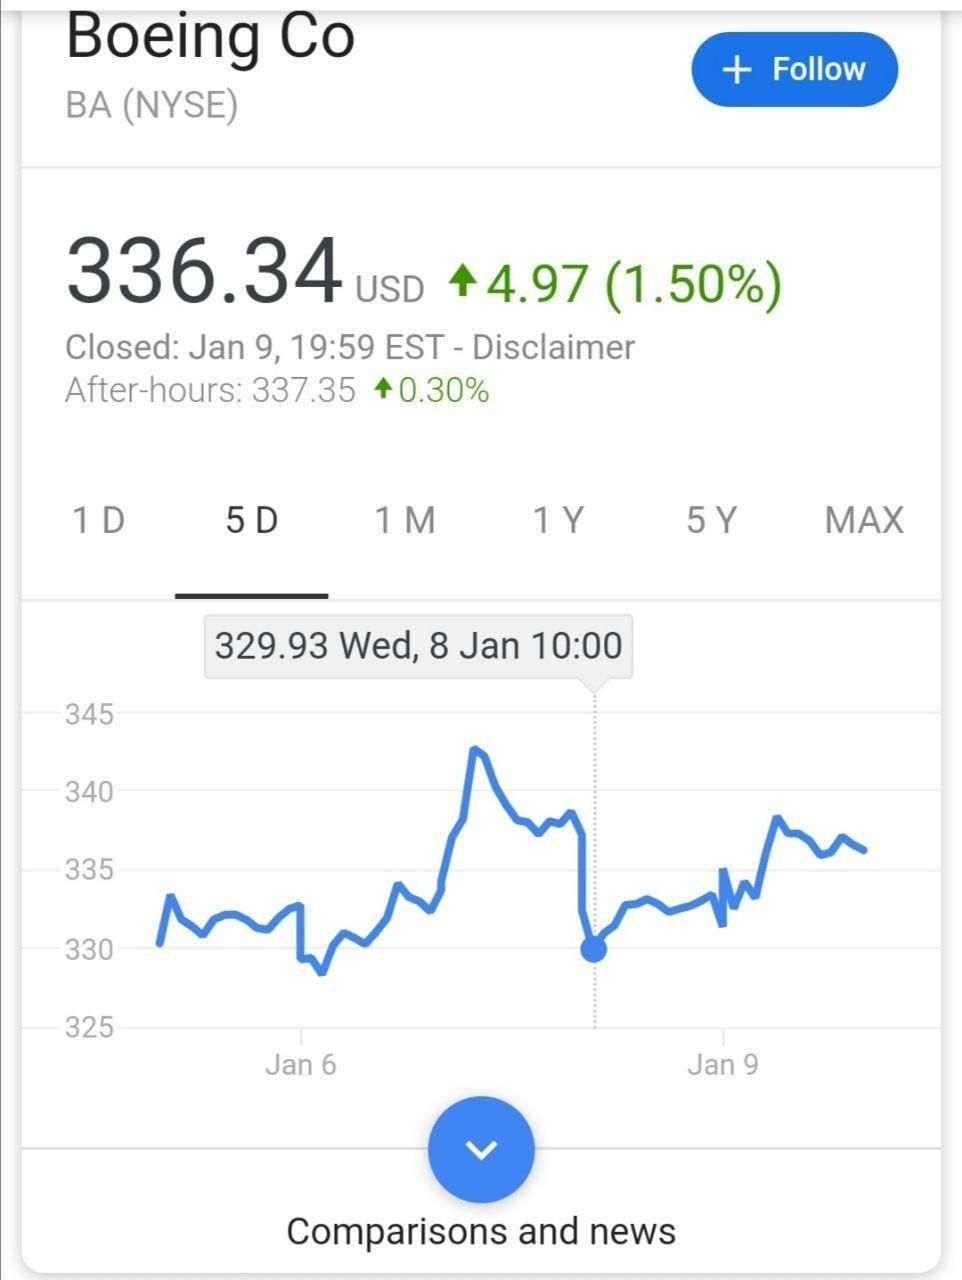 نمودار تغییرات قیمت سهام شرکت هواپیمایی بوئینگ از زمان خبر سقوط تا مطرح شدن احتمال برخورد موشک سیستم پدافندی به آن نشان میدهد این تلاشها برای چیست